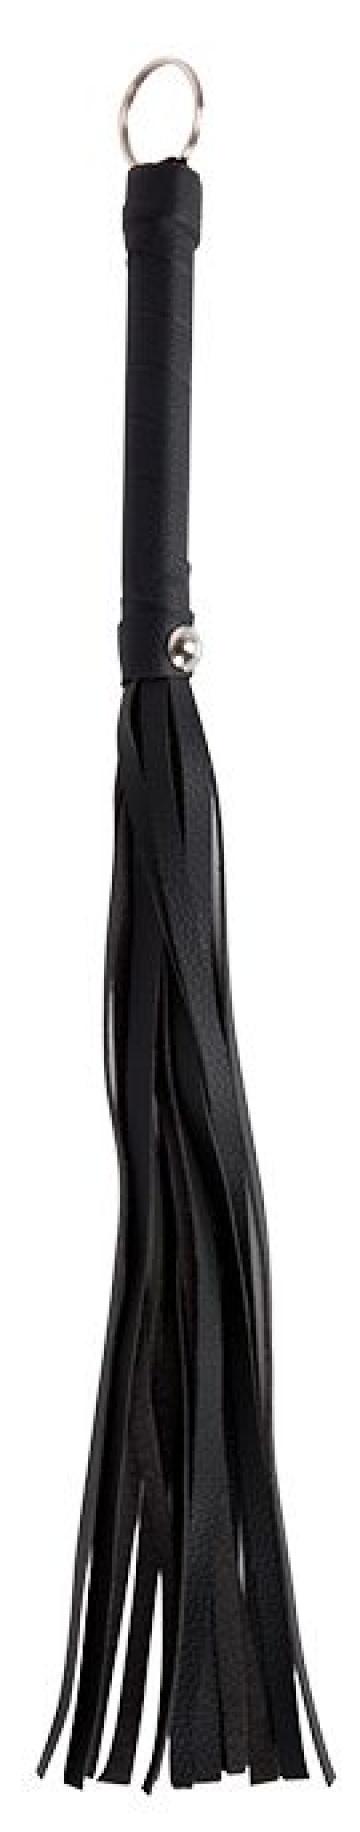 Черный флоггер WHIP - 39,5 см.